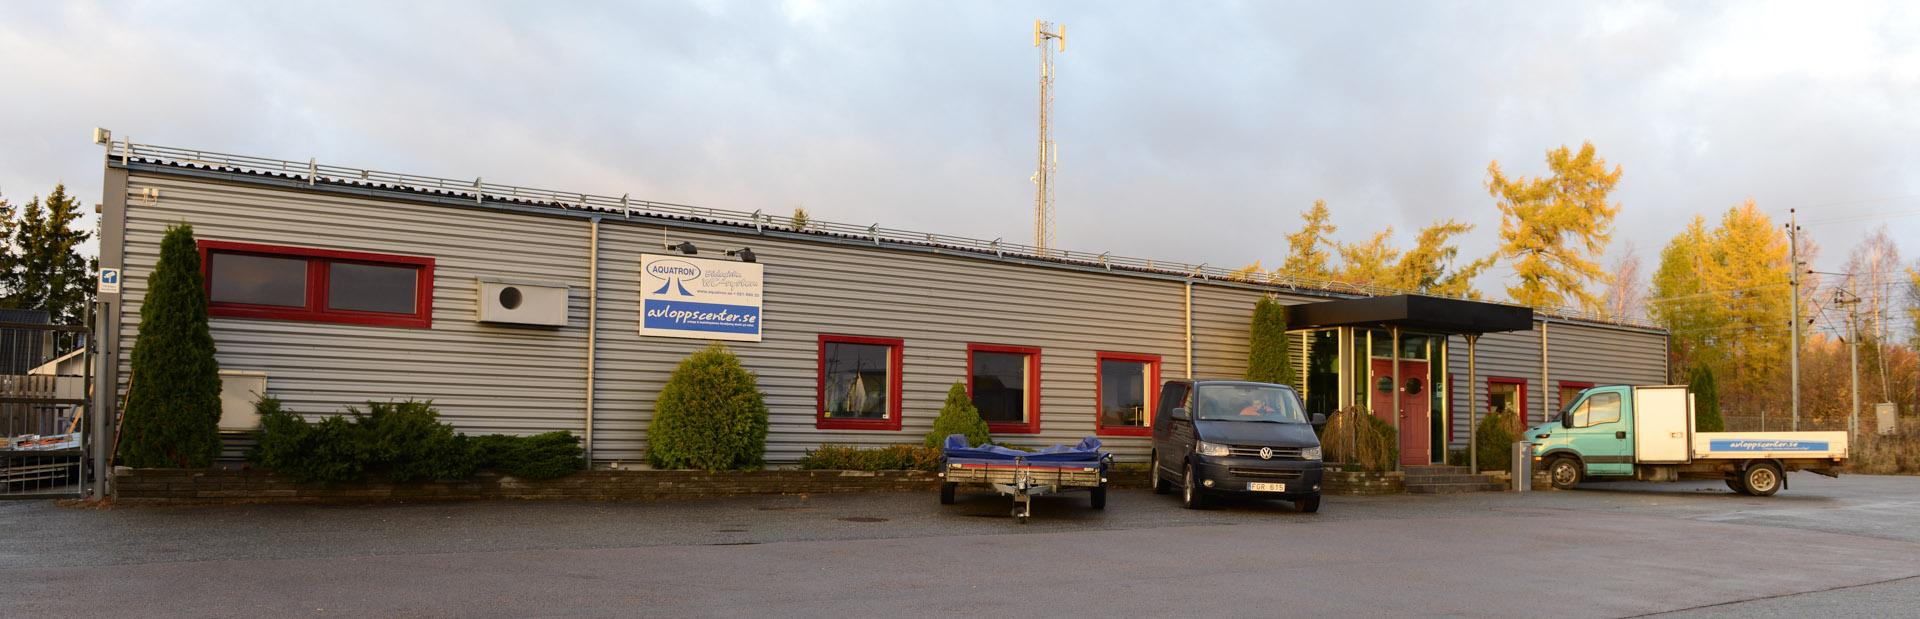 Avloppscenter Västerås